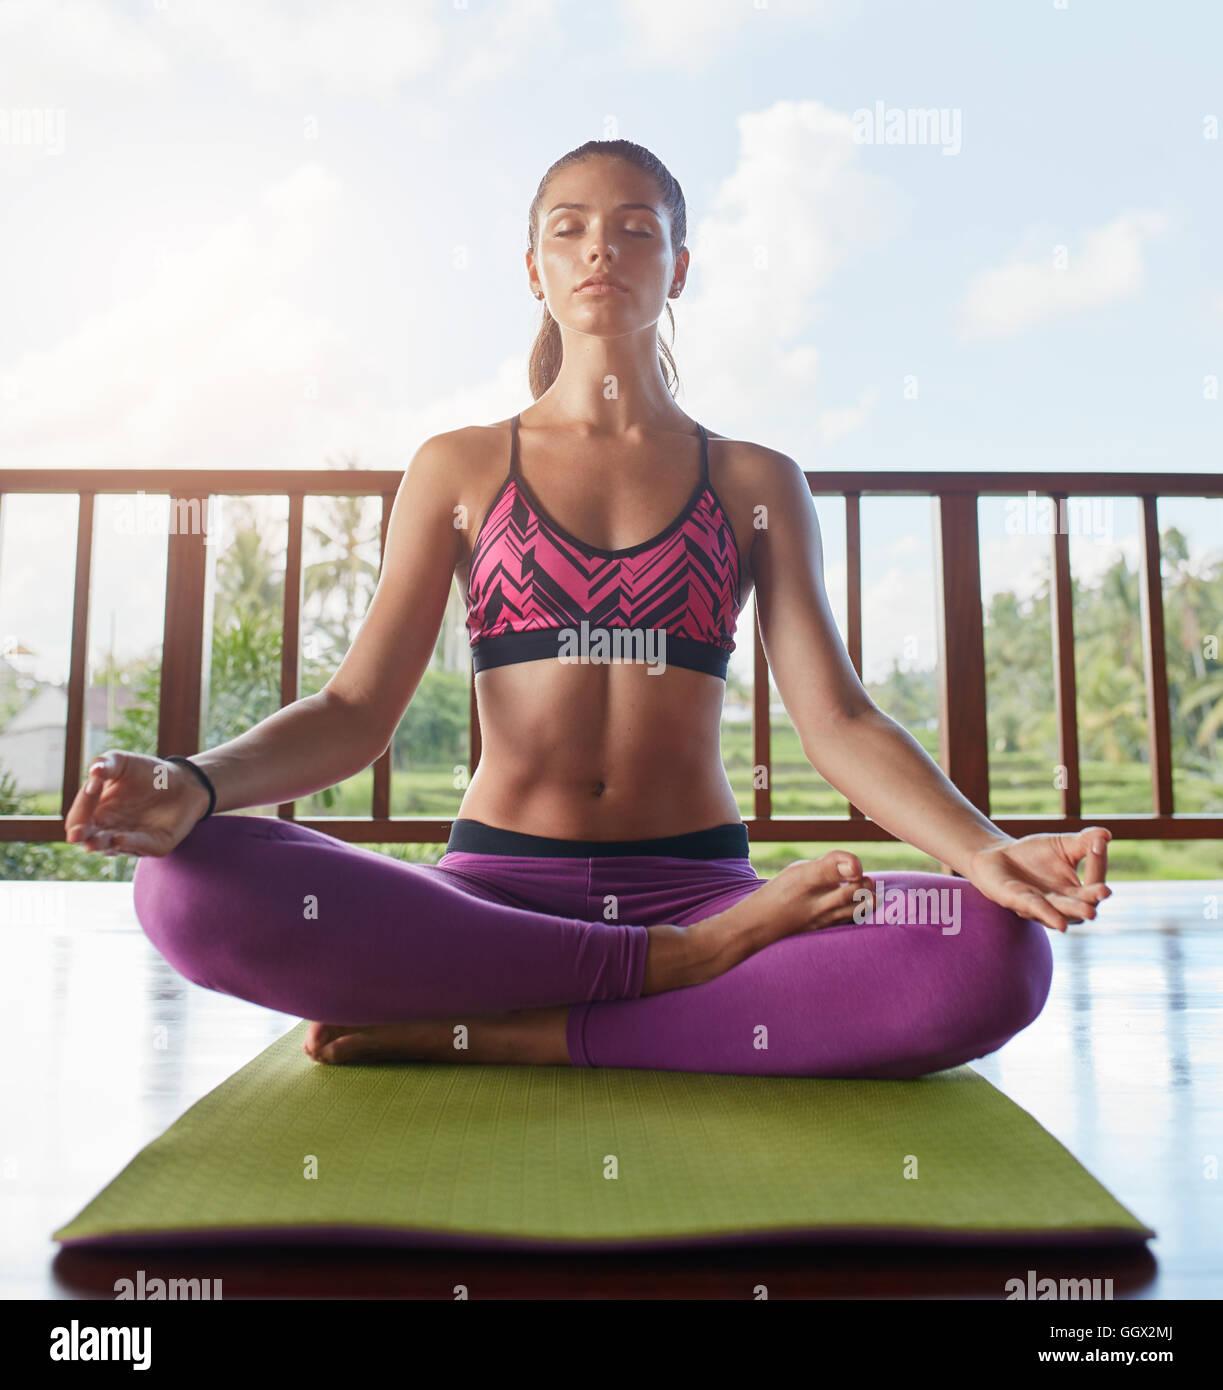 Junge Frau Mit Den Handen Auf Die Knie Lotus Pose Auf Boden In Yoga